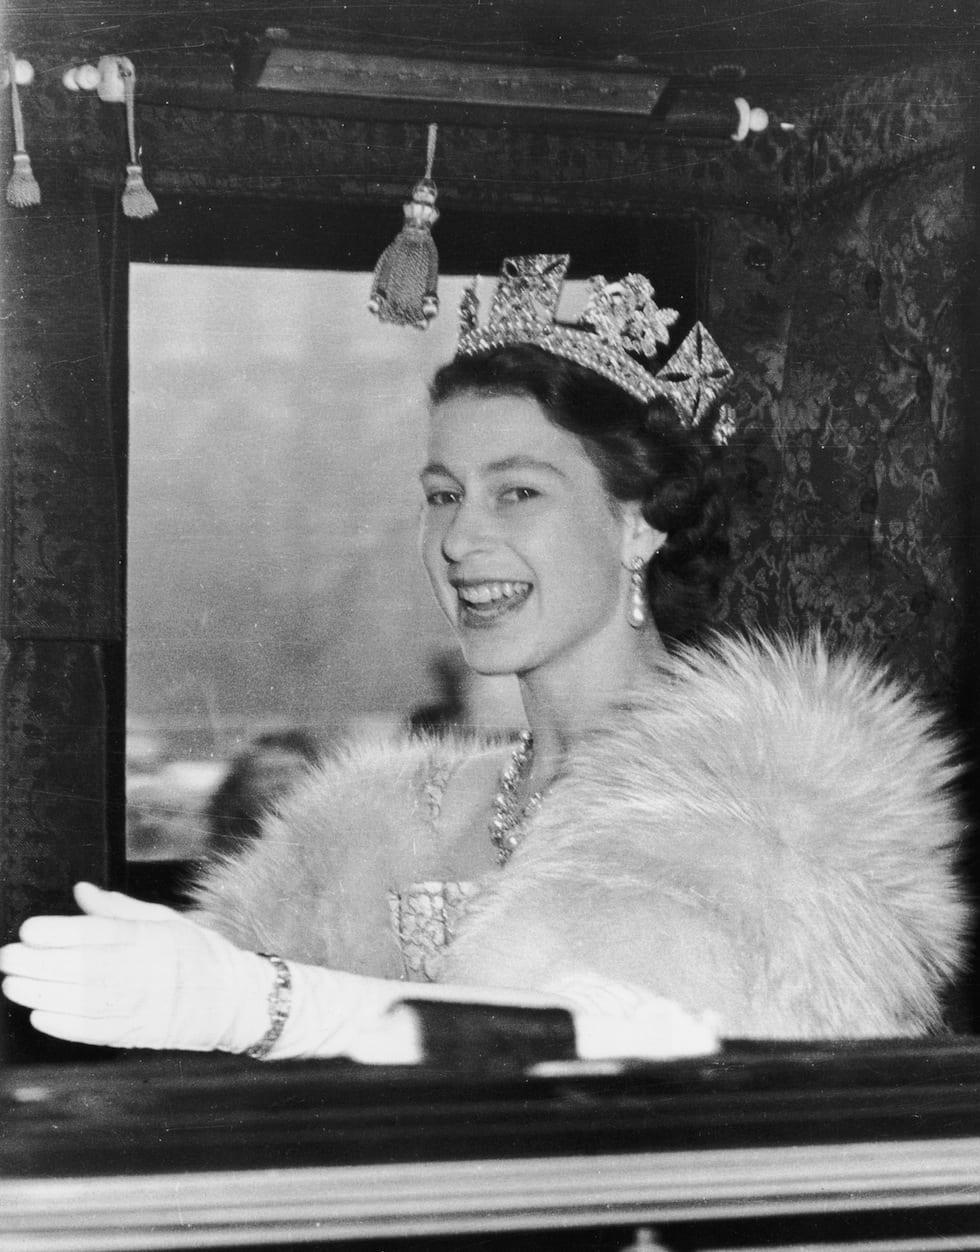 Operazione London Bridge: ecco cosa succederà dopo la morte della regina Elisabetta